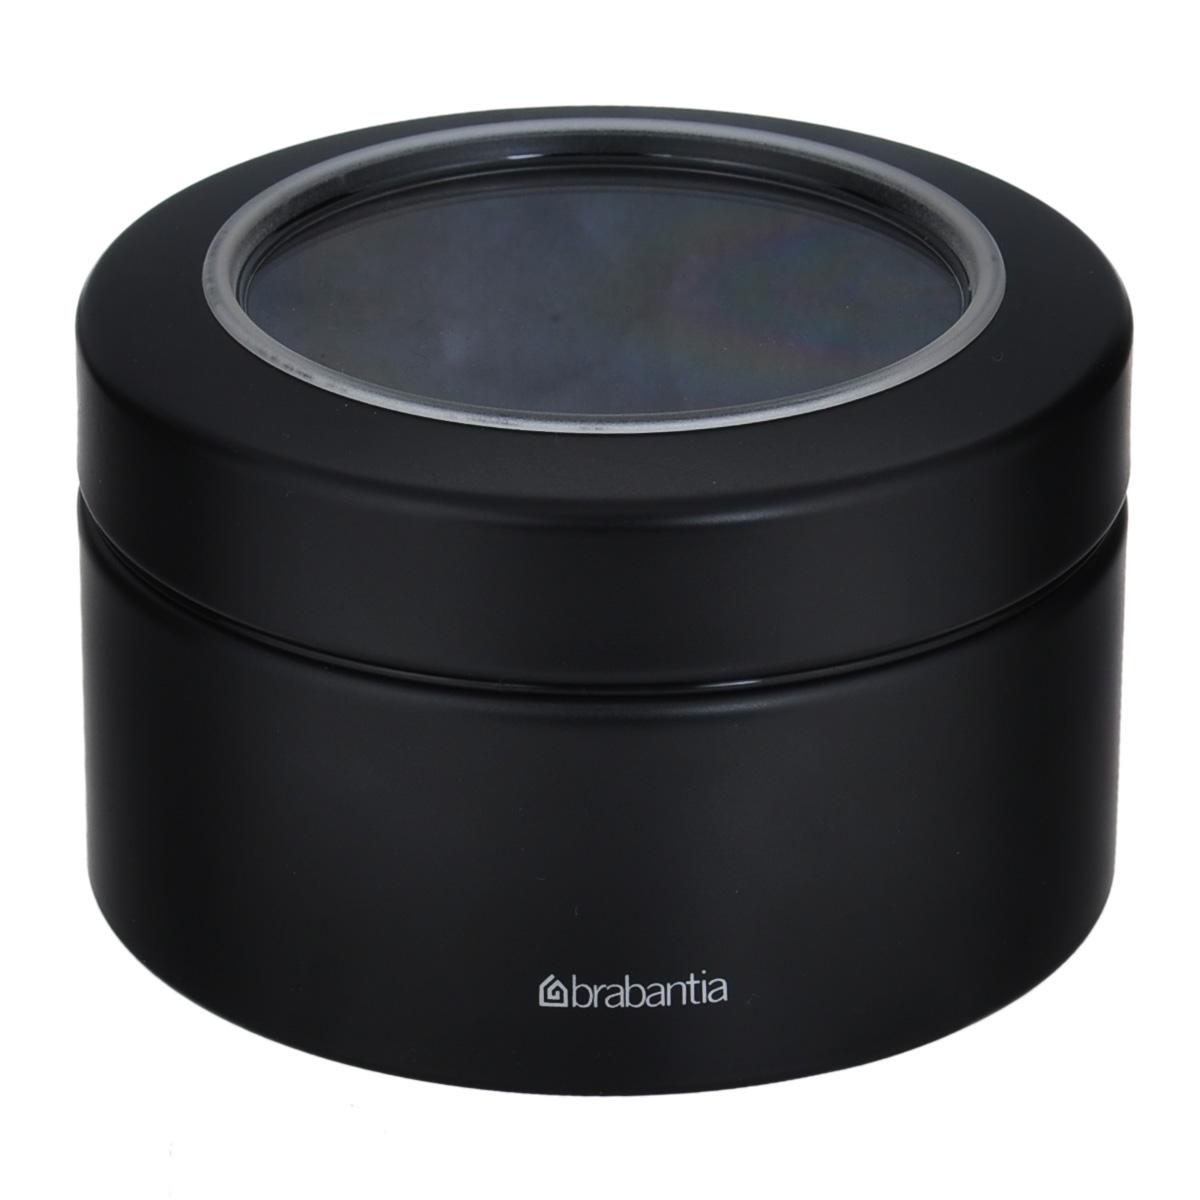 Контейнер Brabantia, цвет: черный, 500 млVT-1520(SR)Контейнер Brabantia прекрасно подойдет для хранения сладостей. Он изготовлен из нержавеющей стали. Контейнер оснащен крышкой с прозрачной вставкой из стекла, благодаря которой вы можете видеть содержимое. Удобный и легкий контейнер позволит вам хранить всевозможные сладости, а благодаря современному дизайну он впишется в любой интерьер.